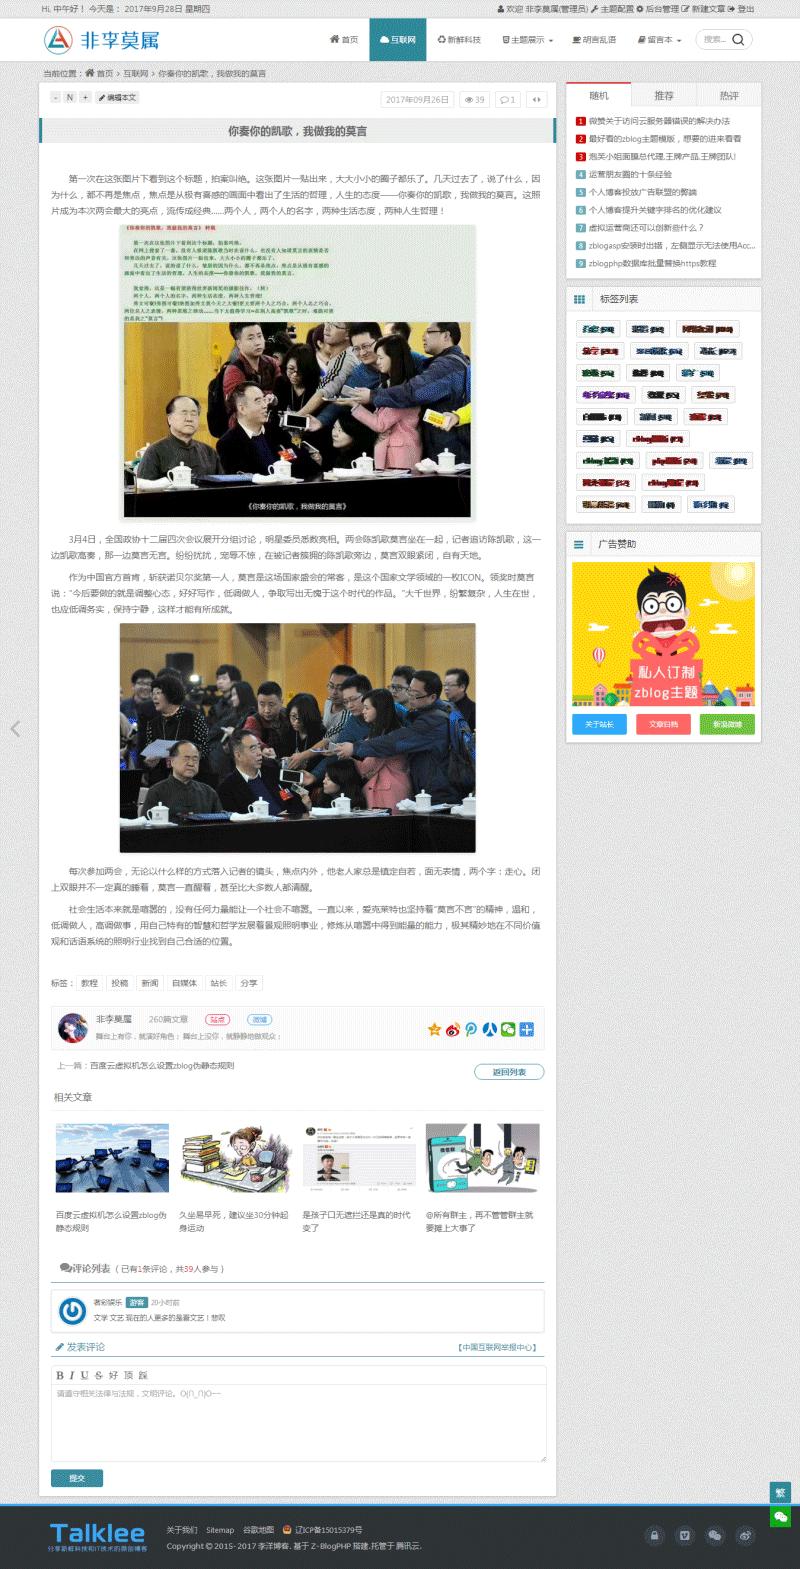 李洋个人博客《mxlee》zblog主题-梦想家(追求源于热爱)-关玉江个人博客